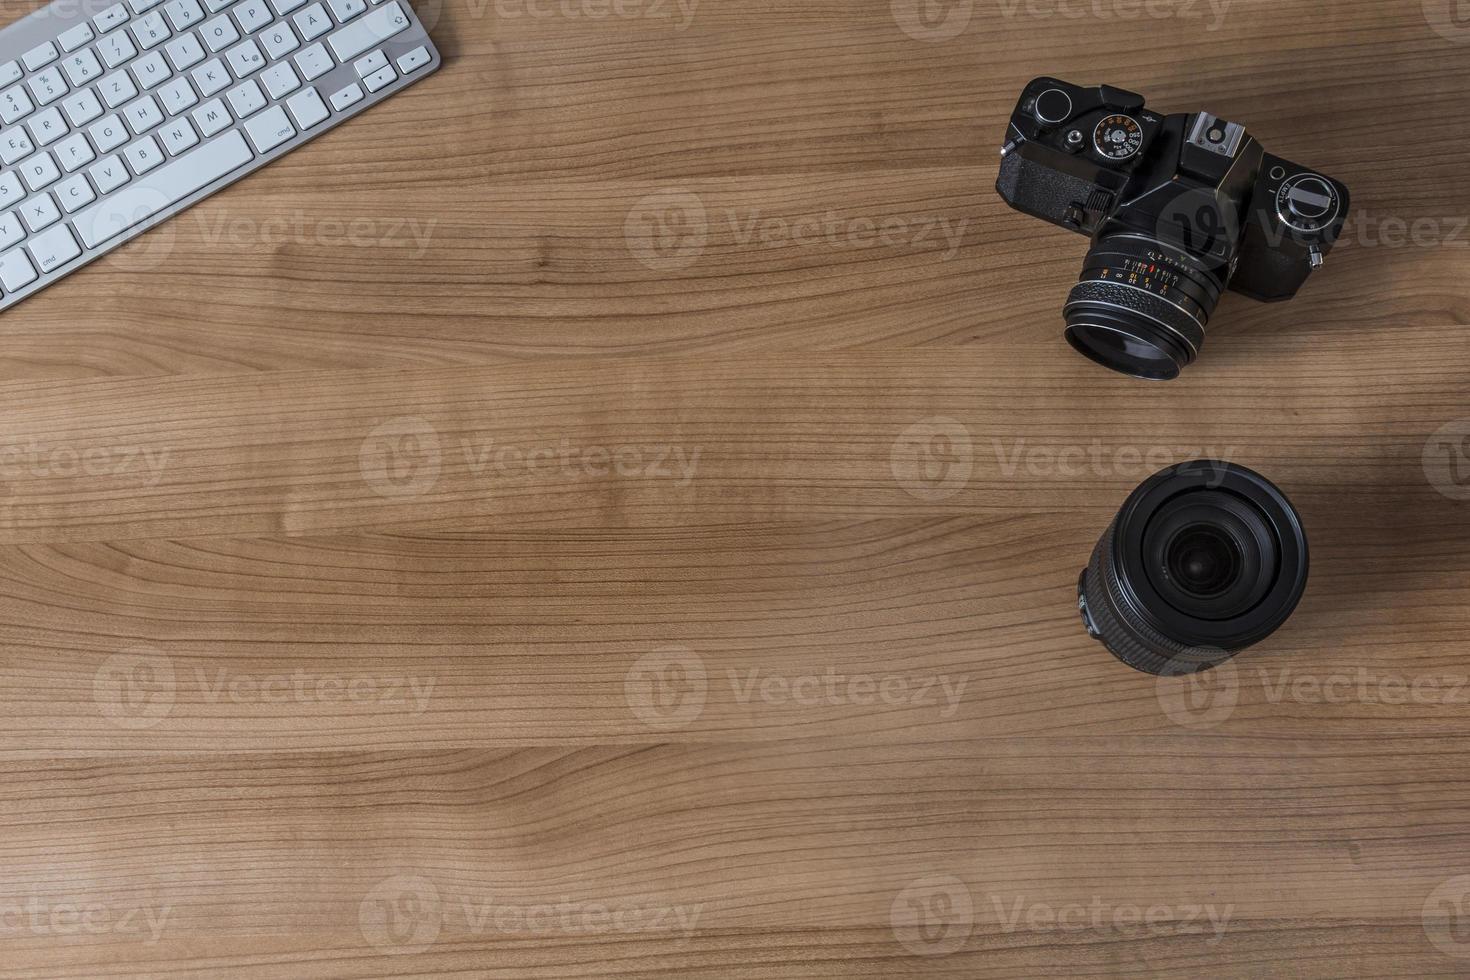 skrivbord med modernt tangentbord och kamera foto